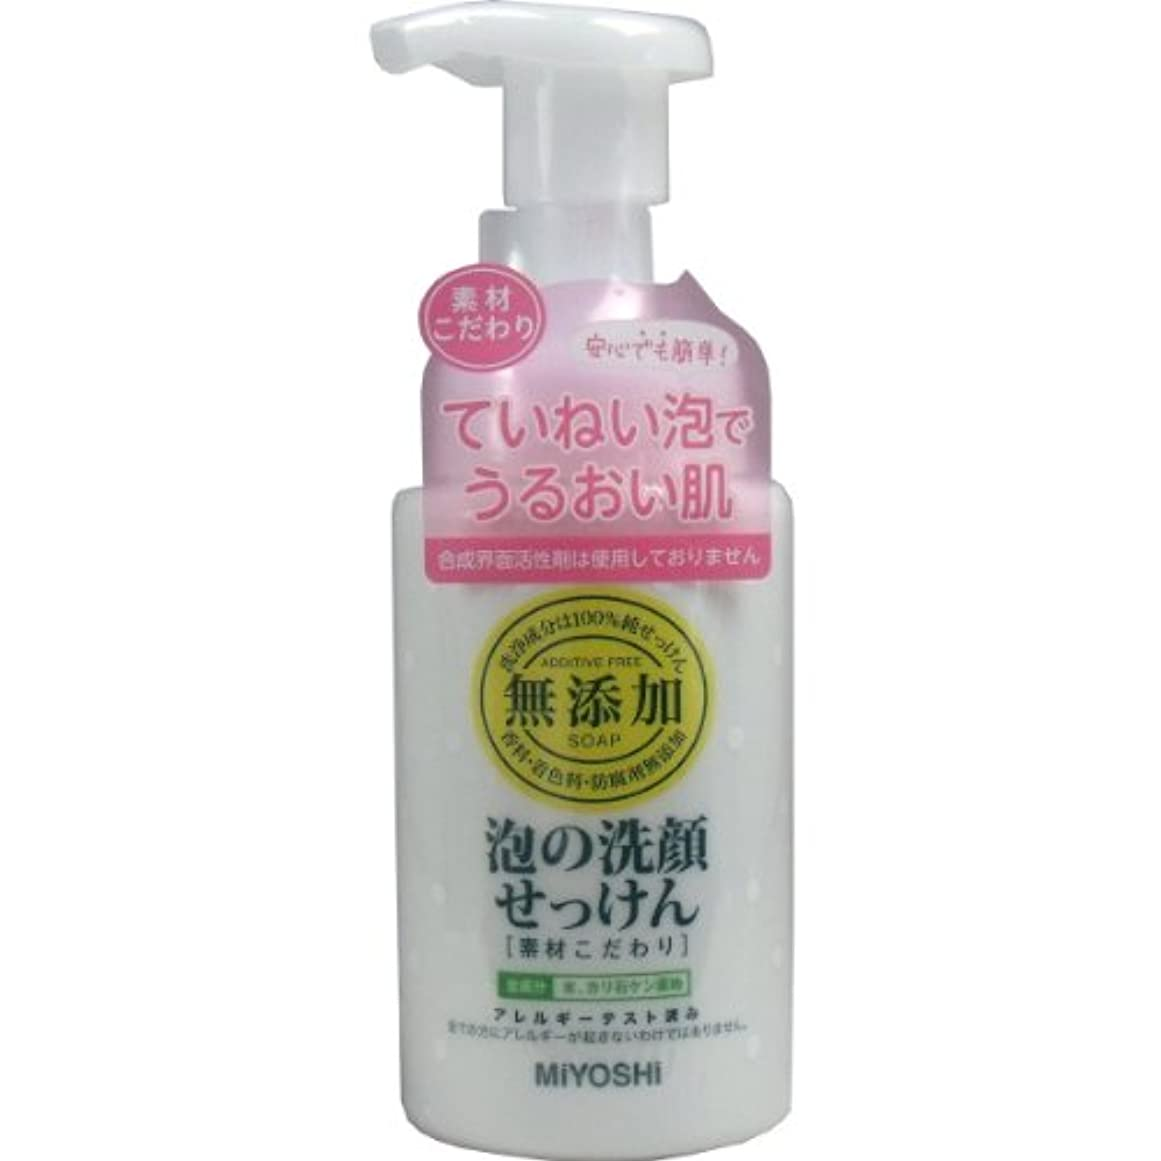 太鼓腹掘る偏差【ミヨシ石鹸】無添加 泡の洗顔せっけん 200ml ×3個セット